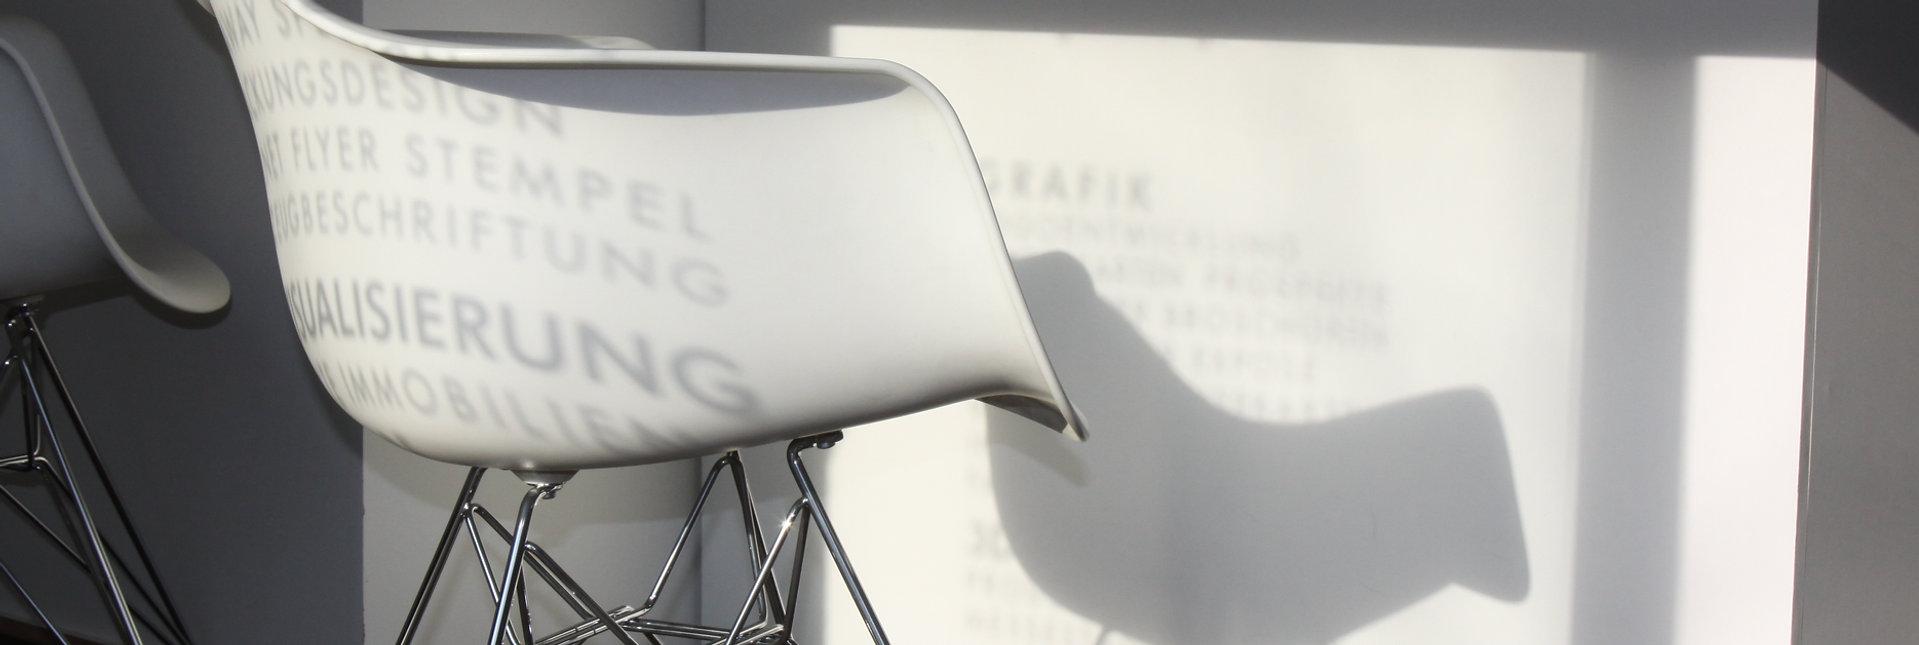 gestaltungsraum die agentur f r werbung und design in siegburg. Black Bedroom Furniture Sets. Home Design Ideas